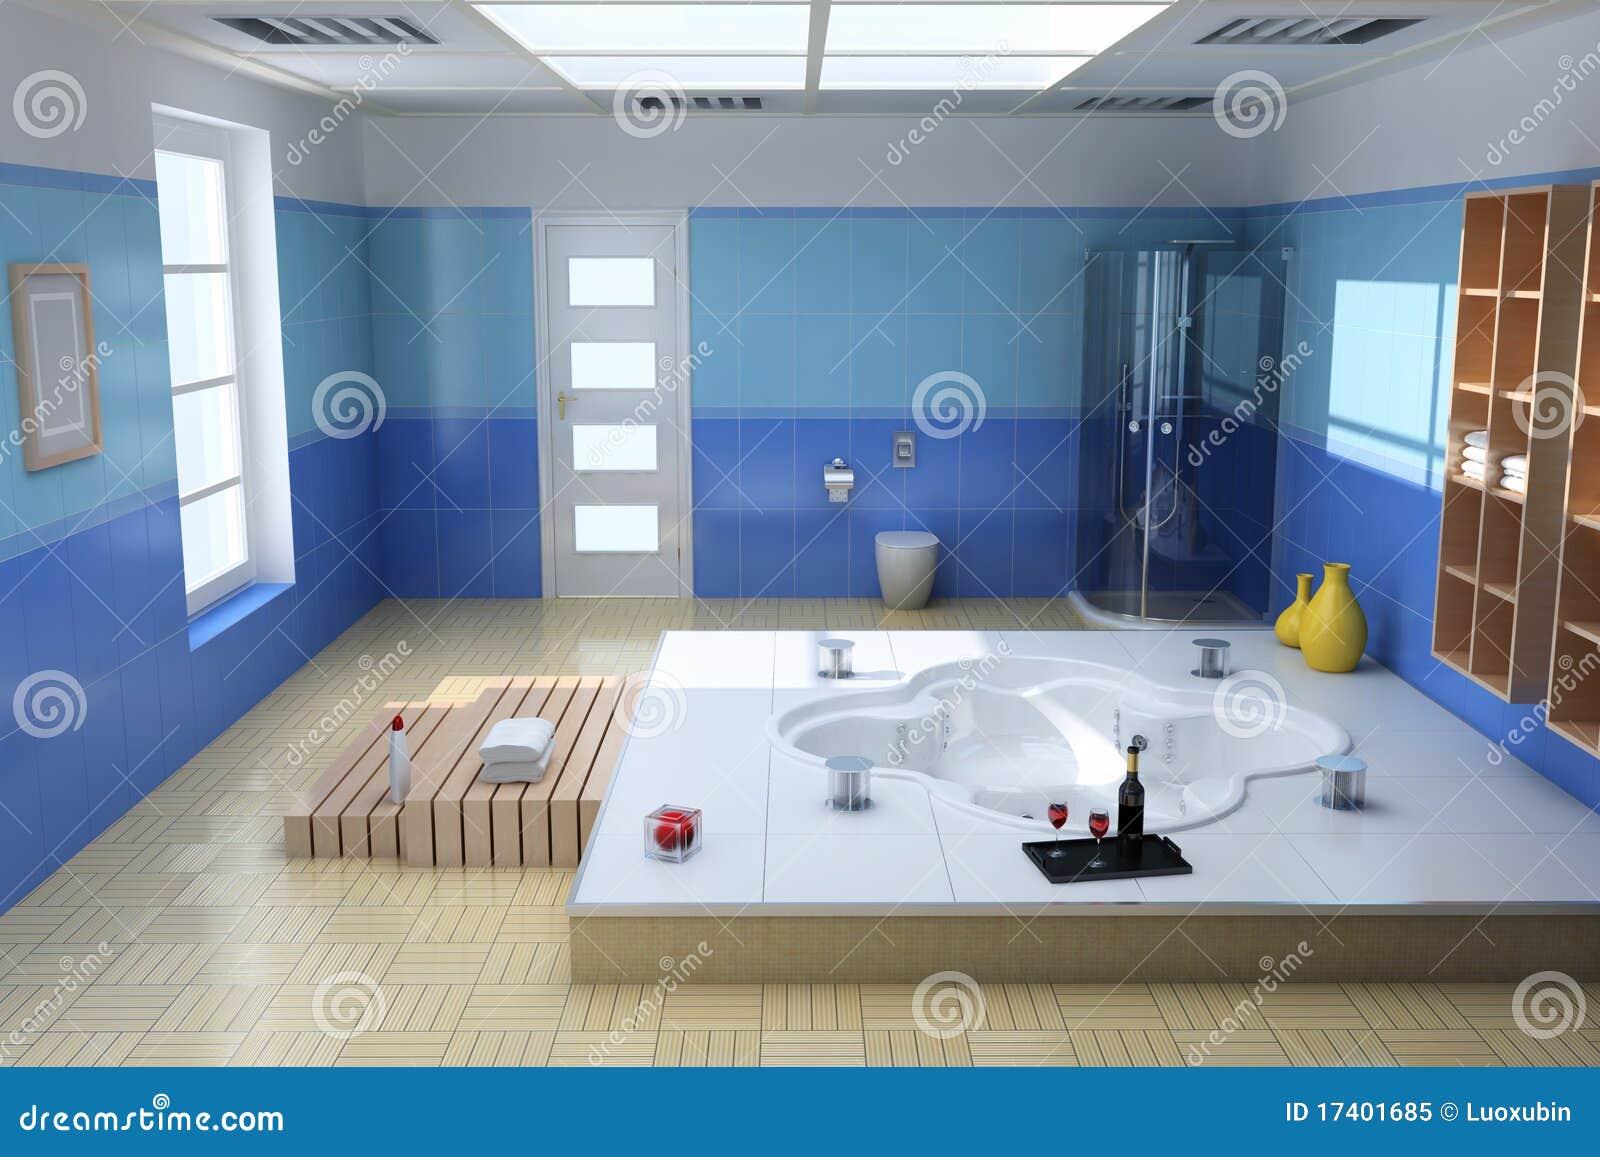 Baño De Lujo Moderno:Cuarto De Baño Moderno De Lujo Foto de archivo libre de regalías